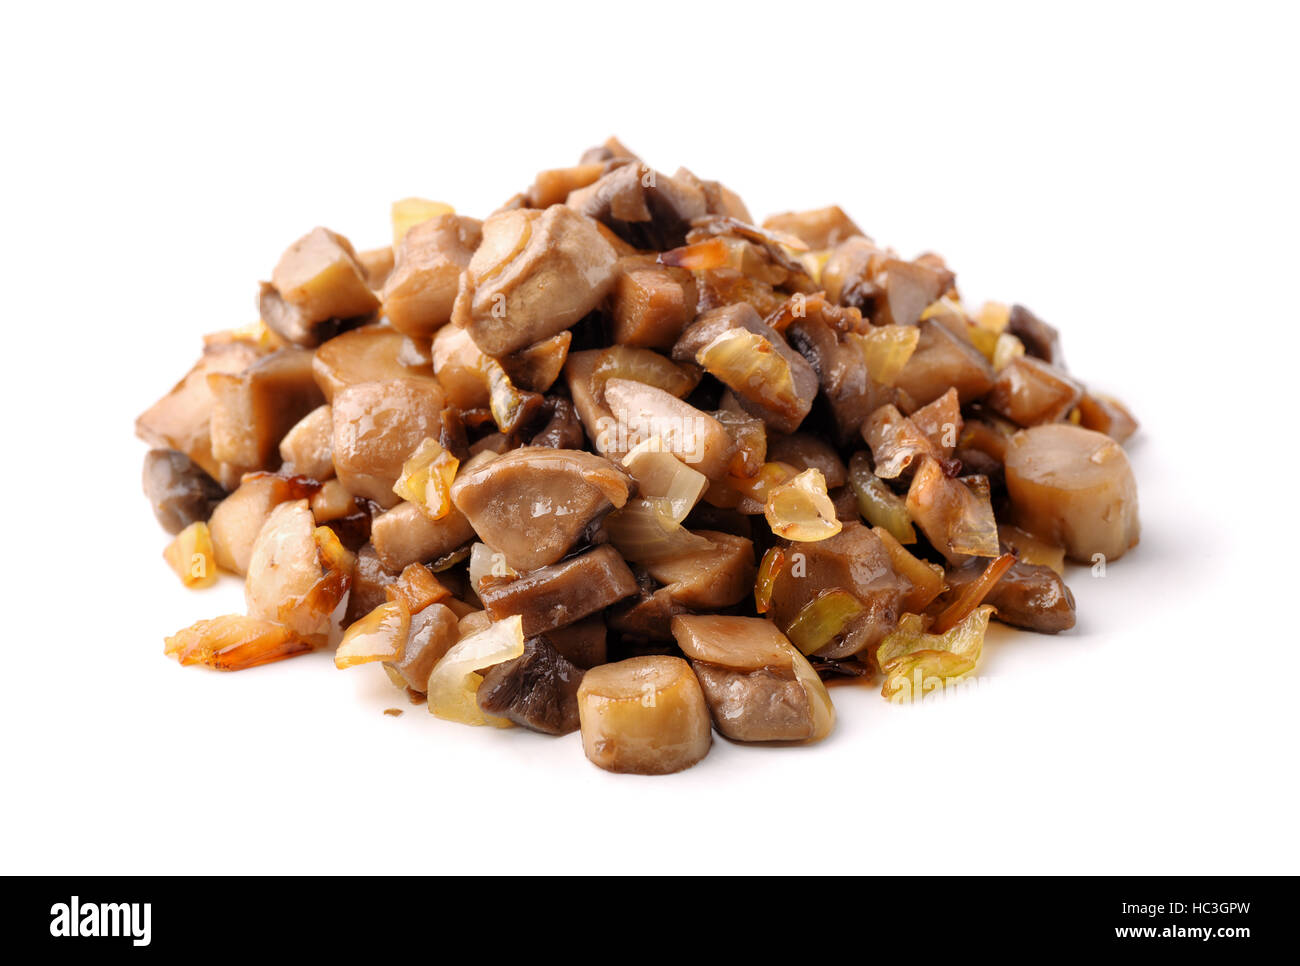 Pile of roasted mushrooms isolated on white Stock Photo